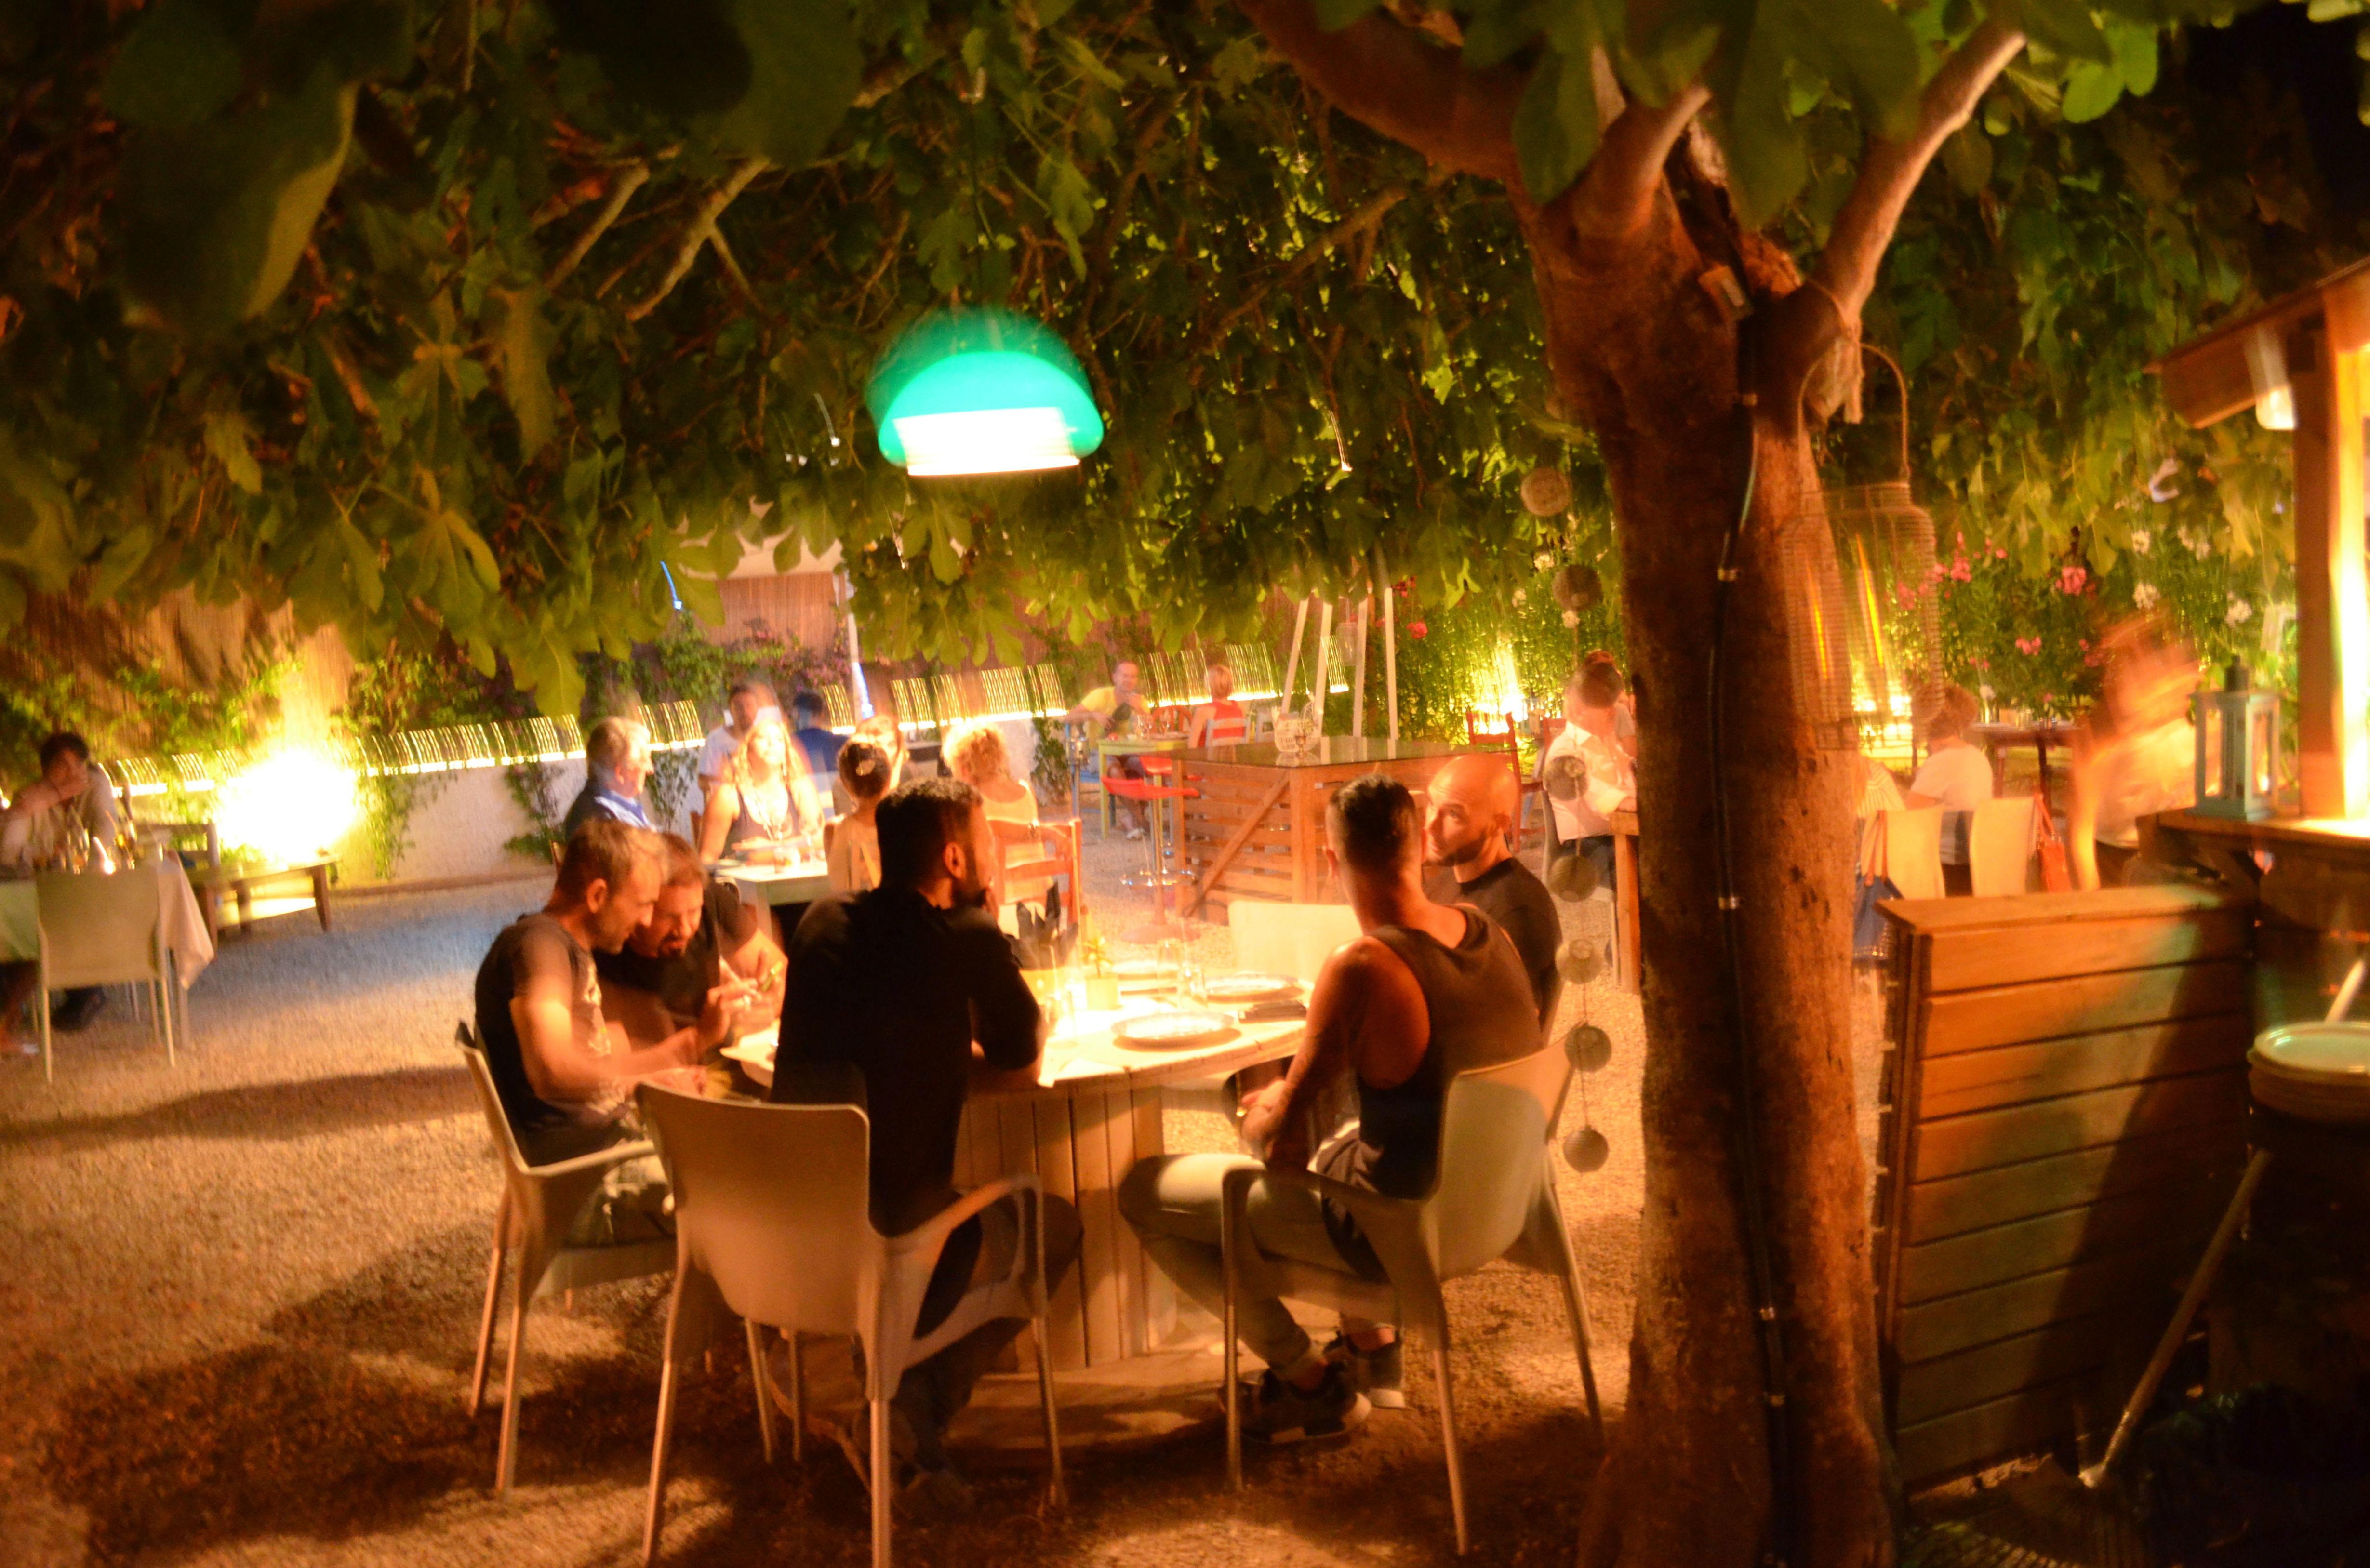 Foto 18 de Cocina mediterránea en Santa Eulària des Riu | Restaurante Parrilla con huerto propio (ESTAMOS CERRADOS HASTA EL 01/04/2019)